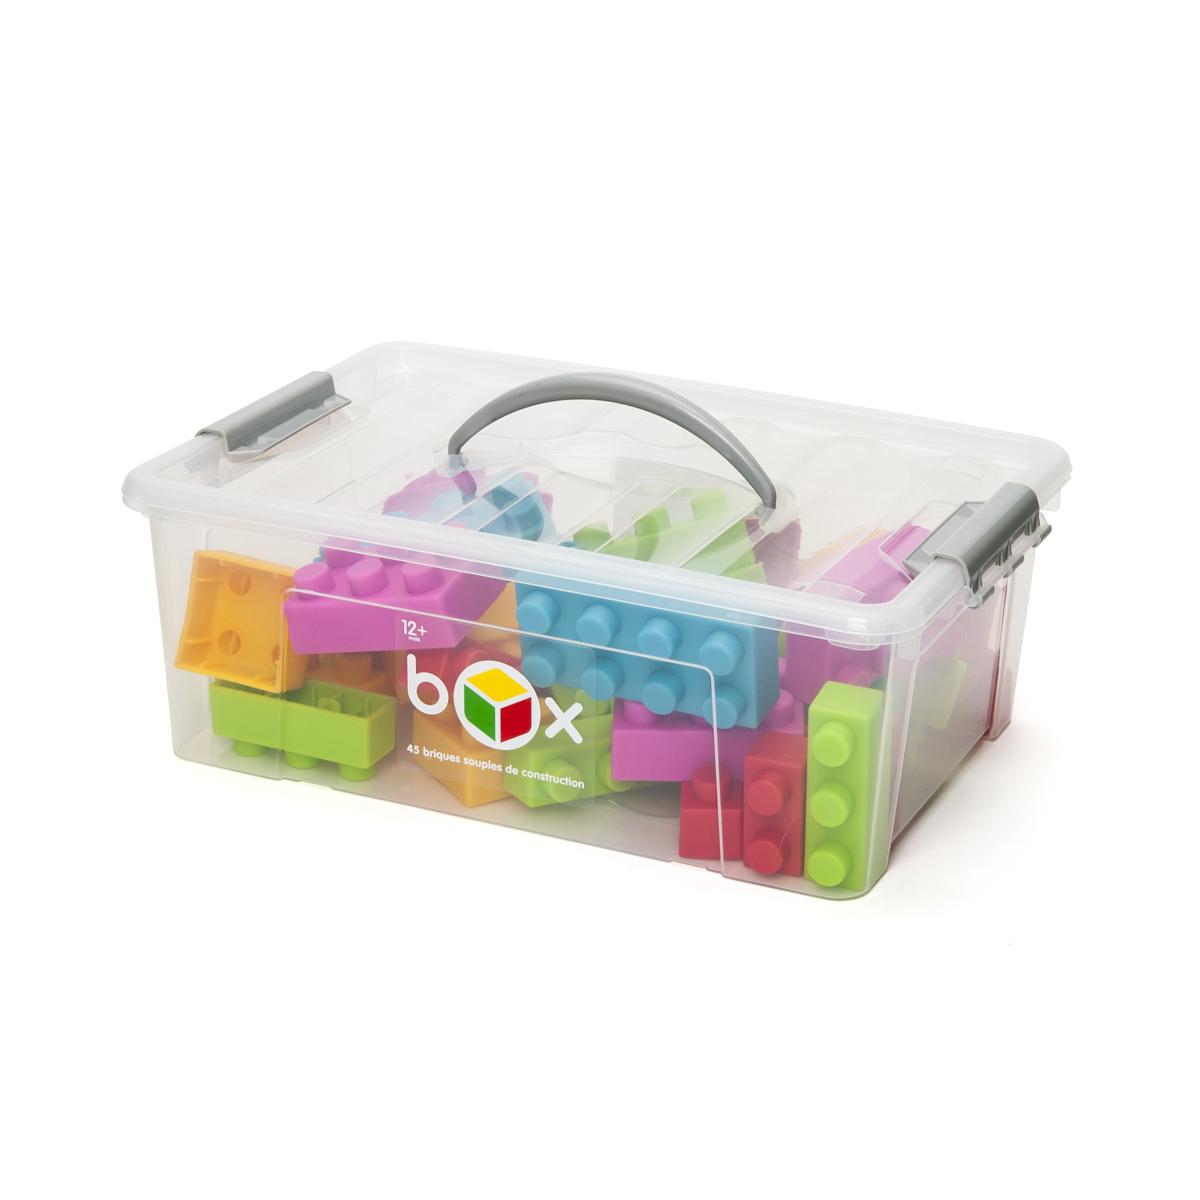 Box 45 Briques Souples À Construire pour Casse Brique Enfant